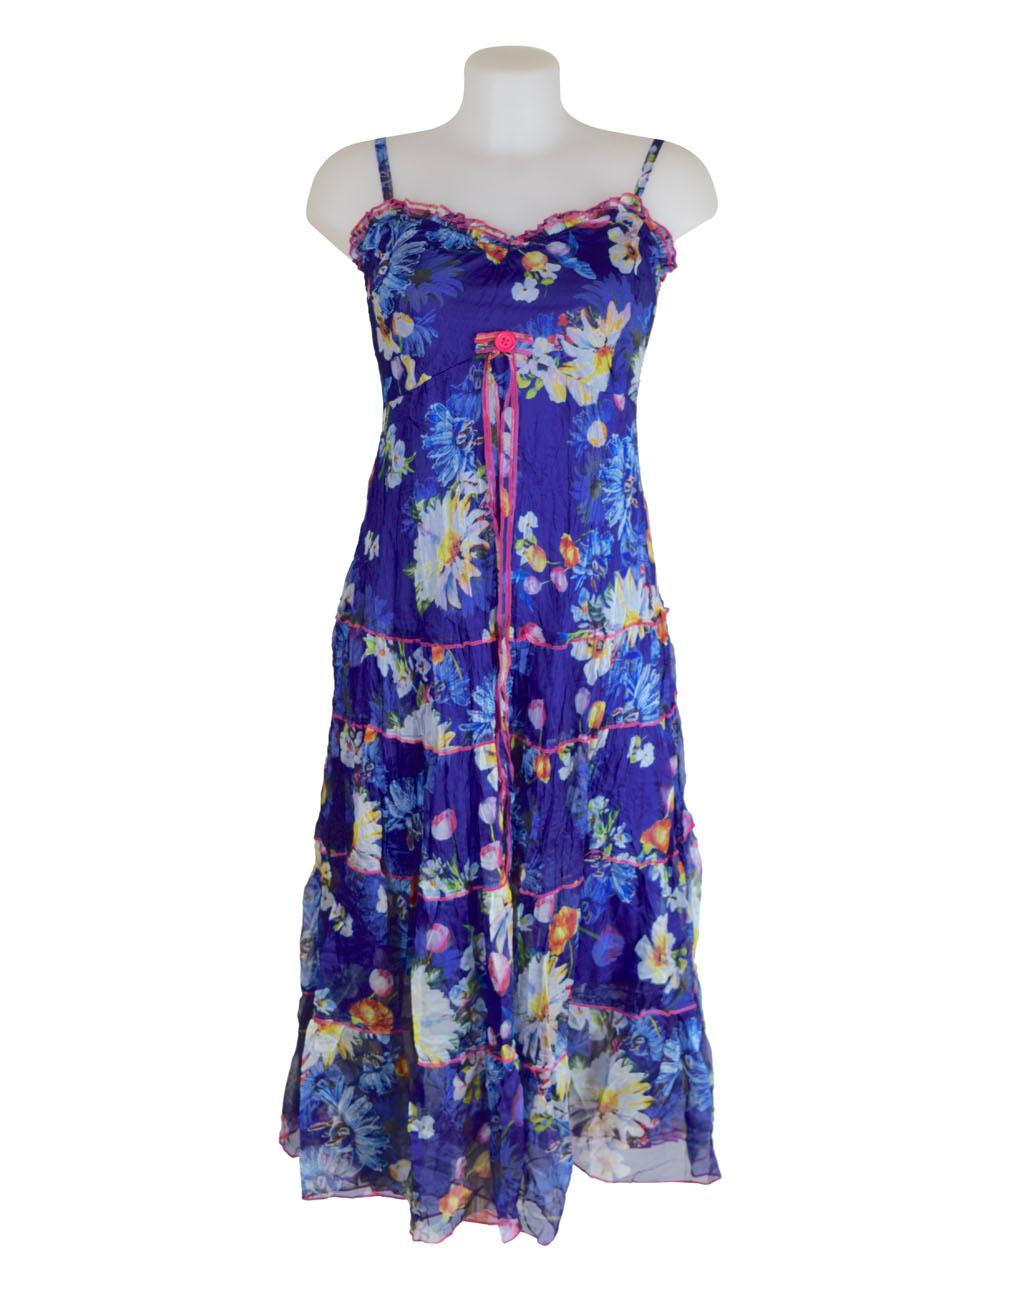 Sensations Pour Elle's Blue Maxi Dress